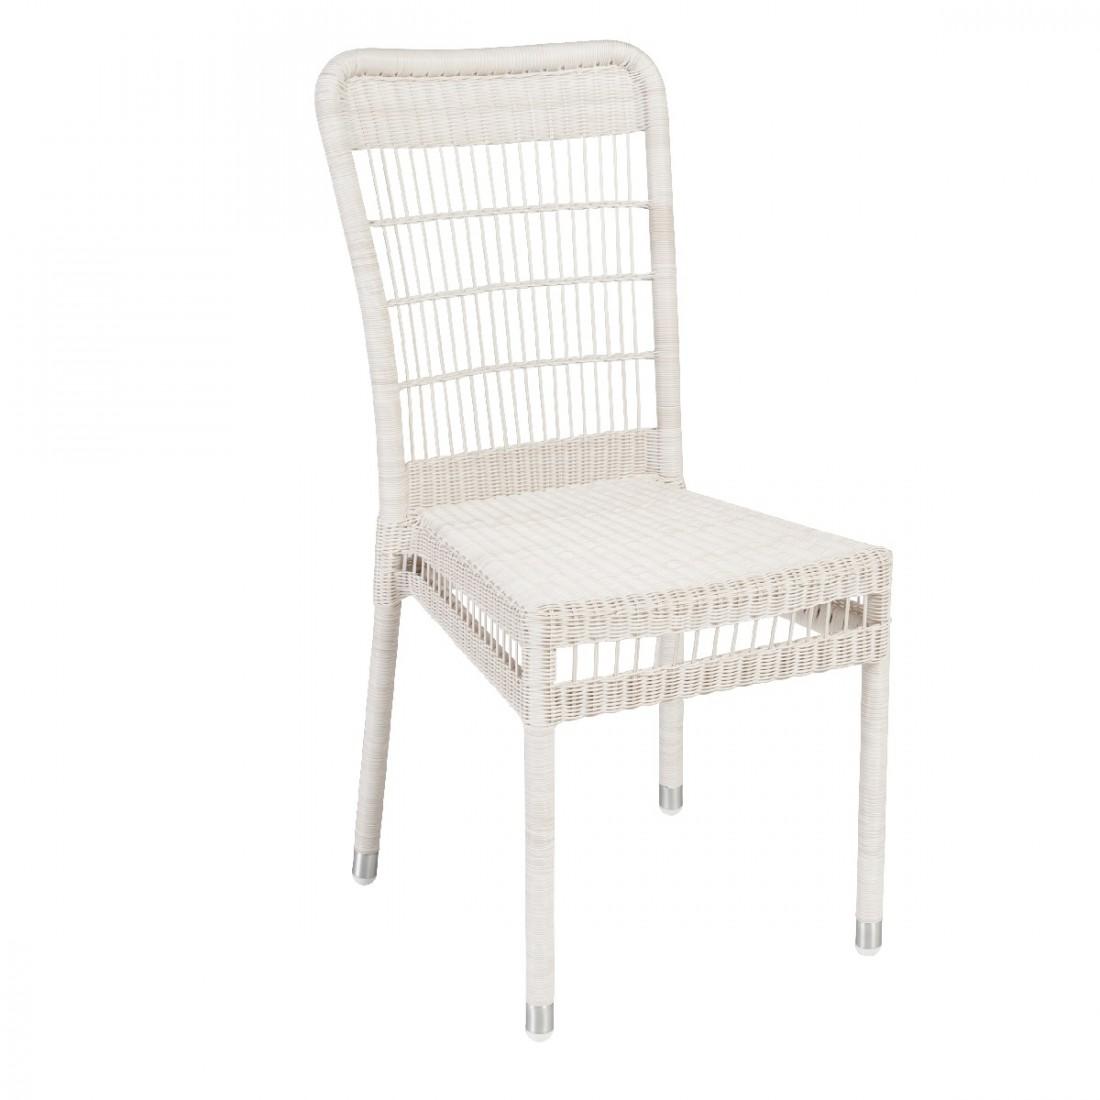 Chaise de jardin en r sine tress e biarritz sans coussin - Chaise jardin resine tressee ...